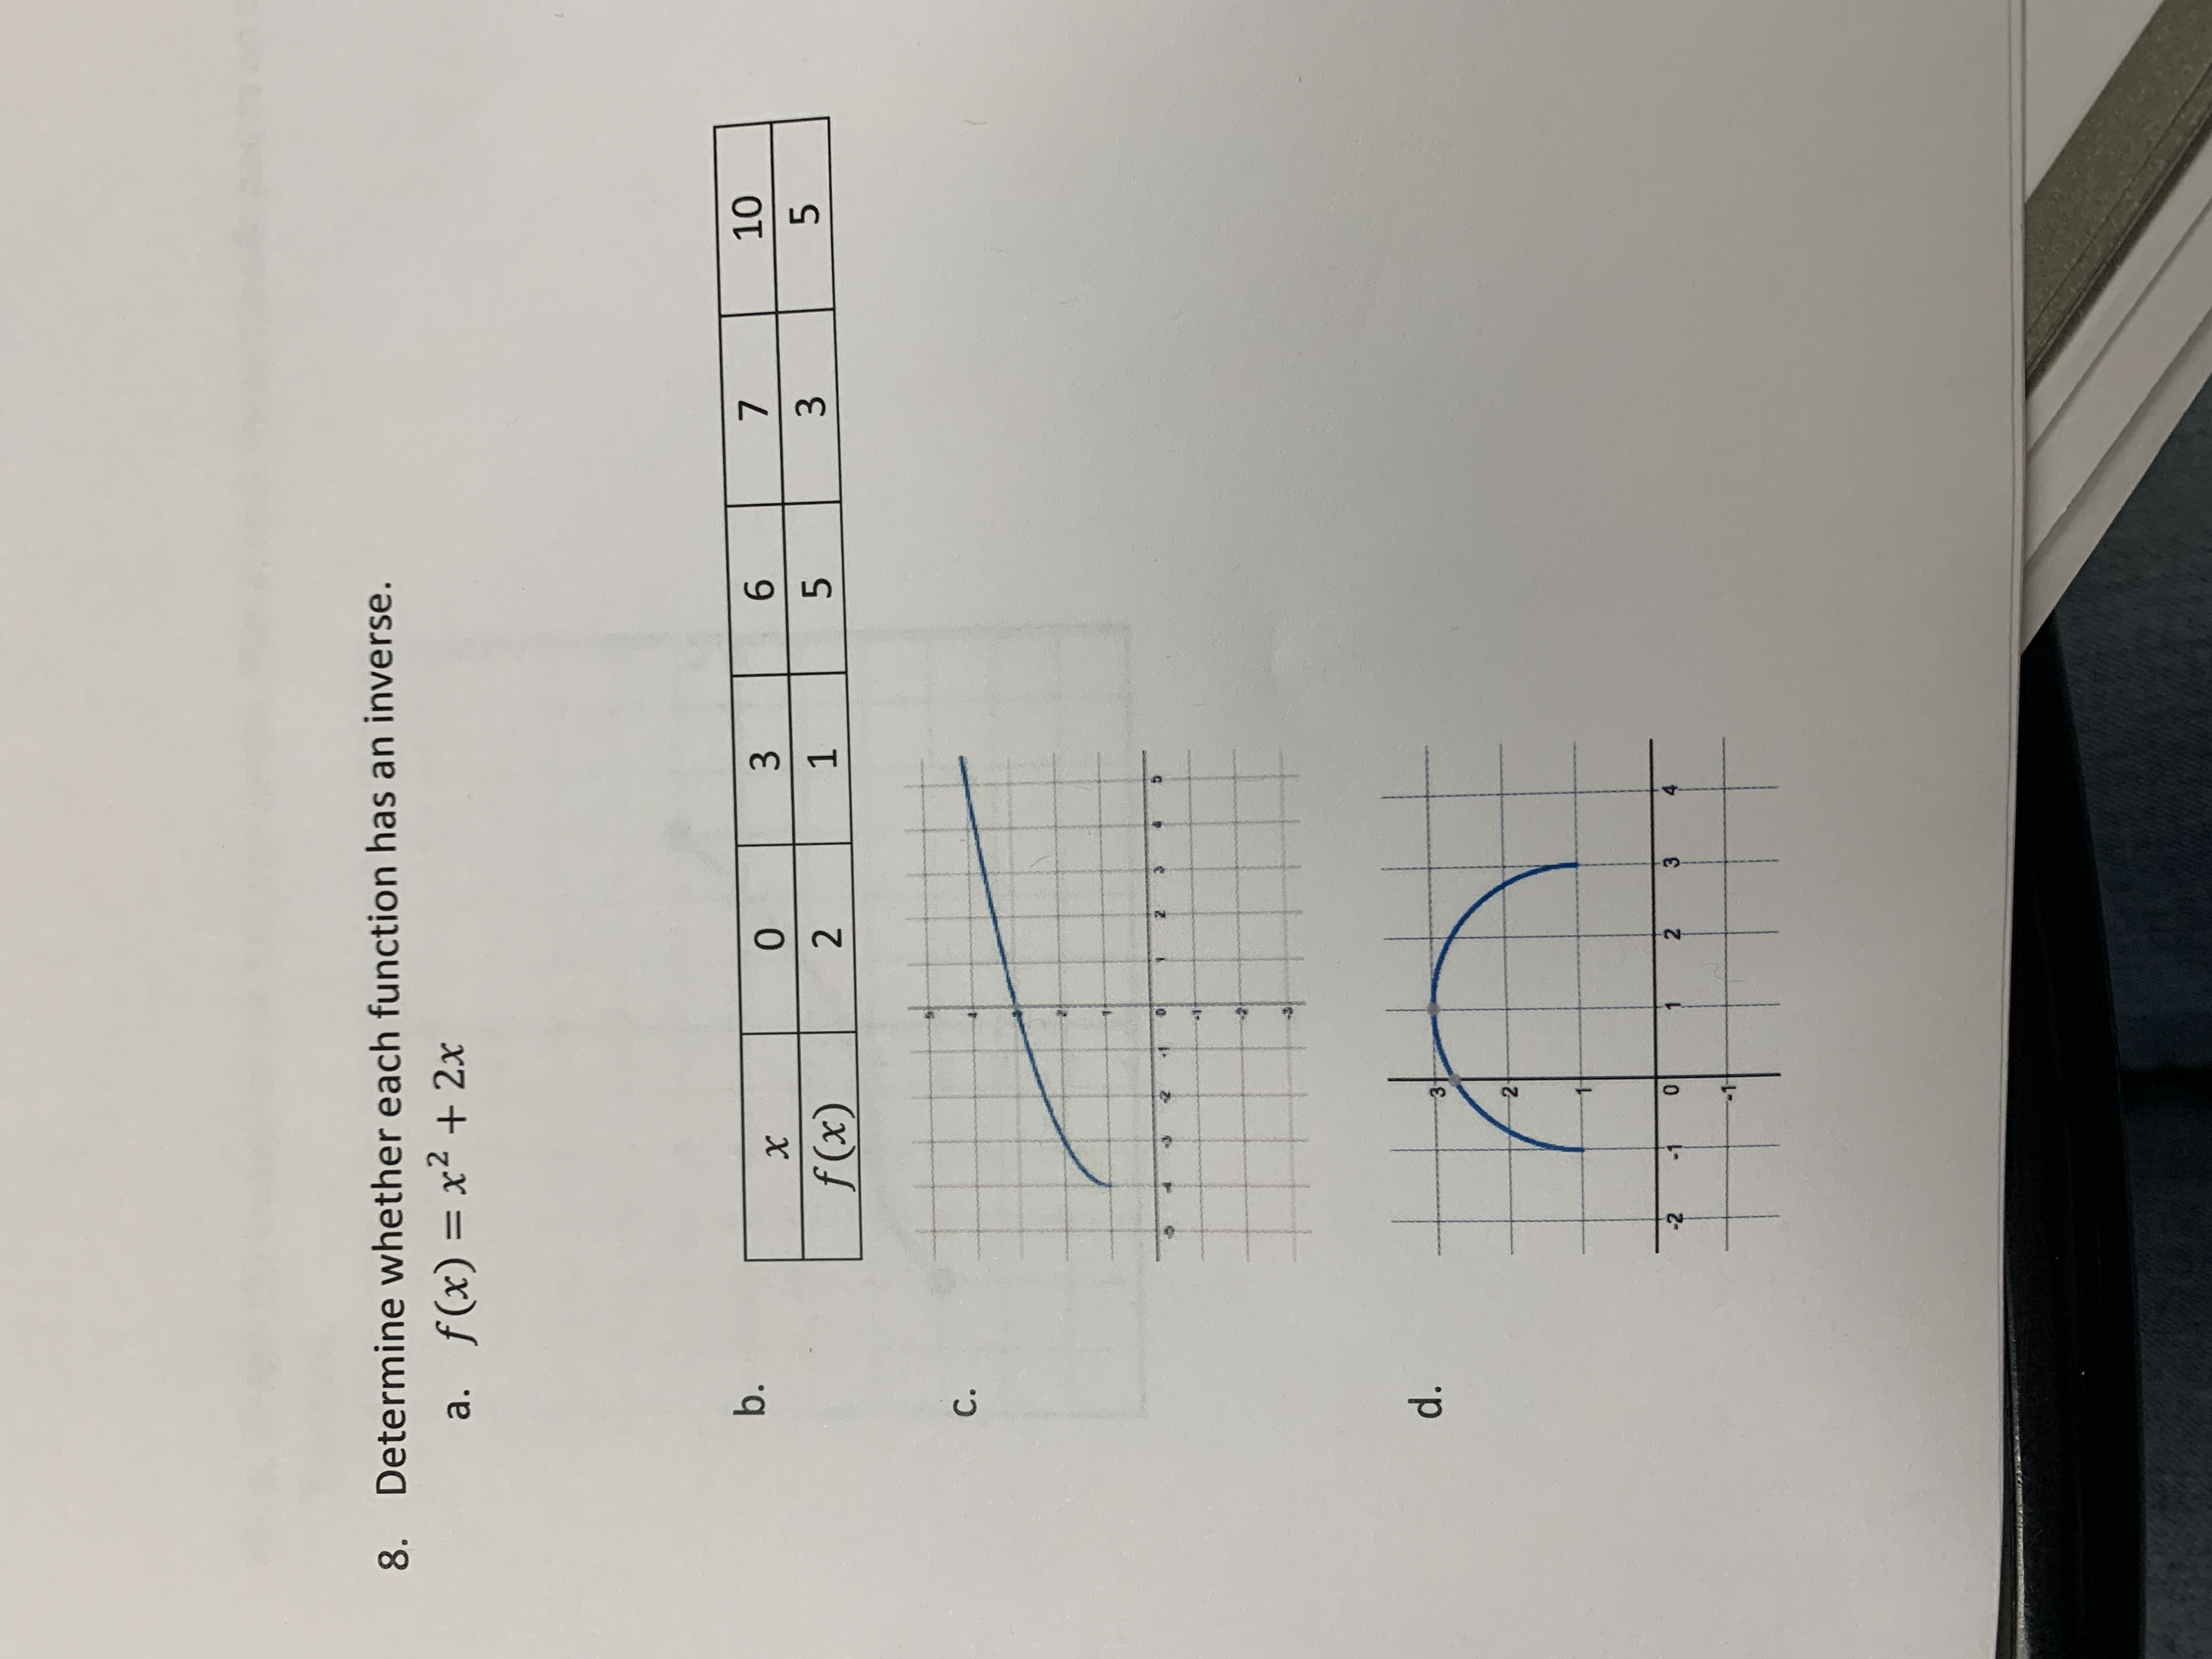 Determine whether each function has an inverse. 8. a. f(x) = x2 + 2x 10 b. 7 0 X 5 3 1 f (x) 2 C. d. 2- 4 3 0 2 -2 -1 6 Ln 3